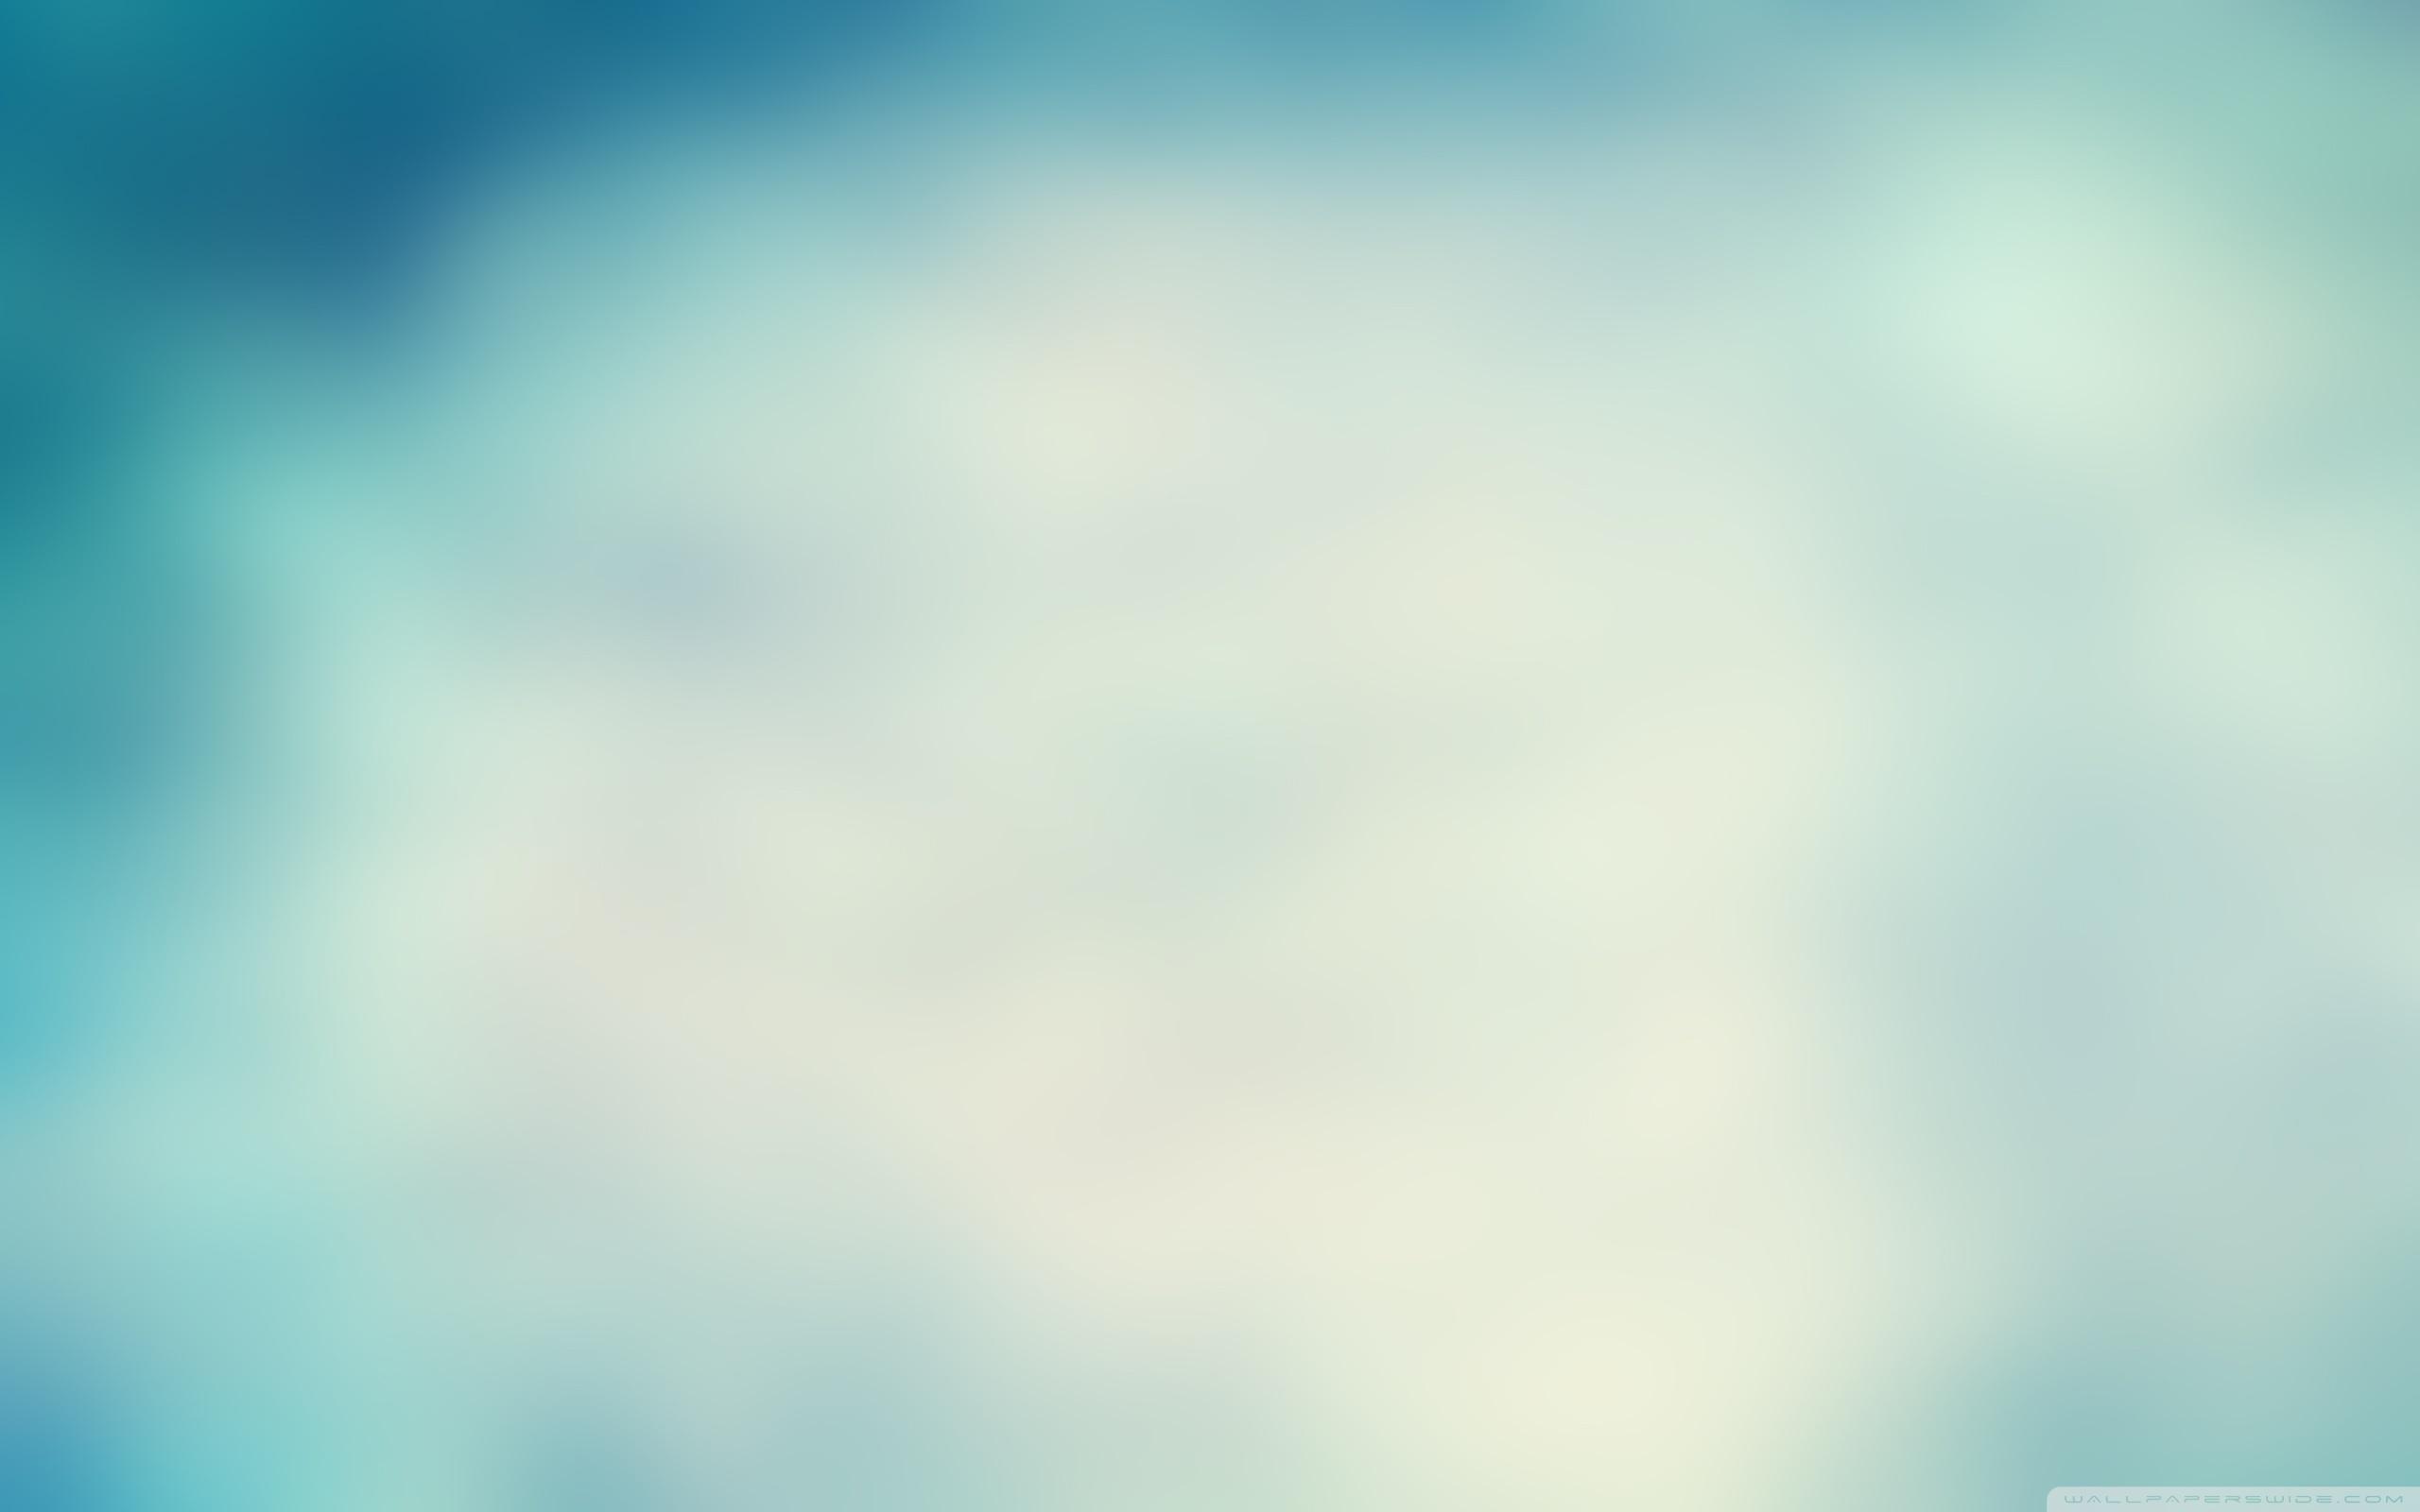 Light Blue Background HD Desktop Wallpaper High Definition